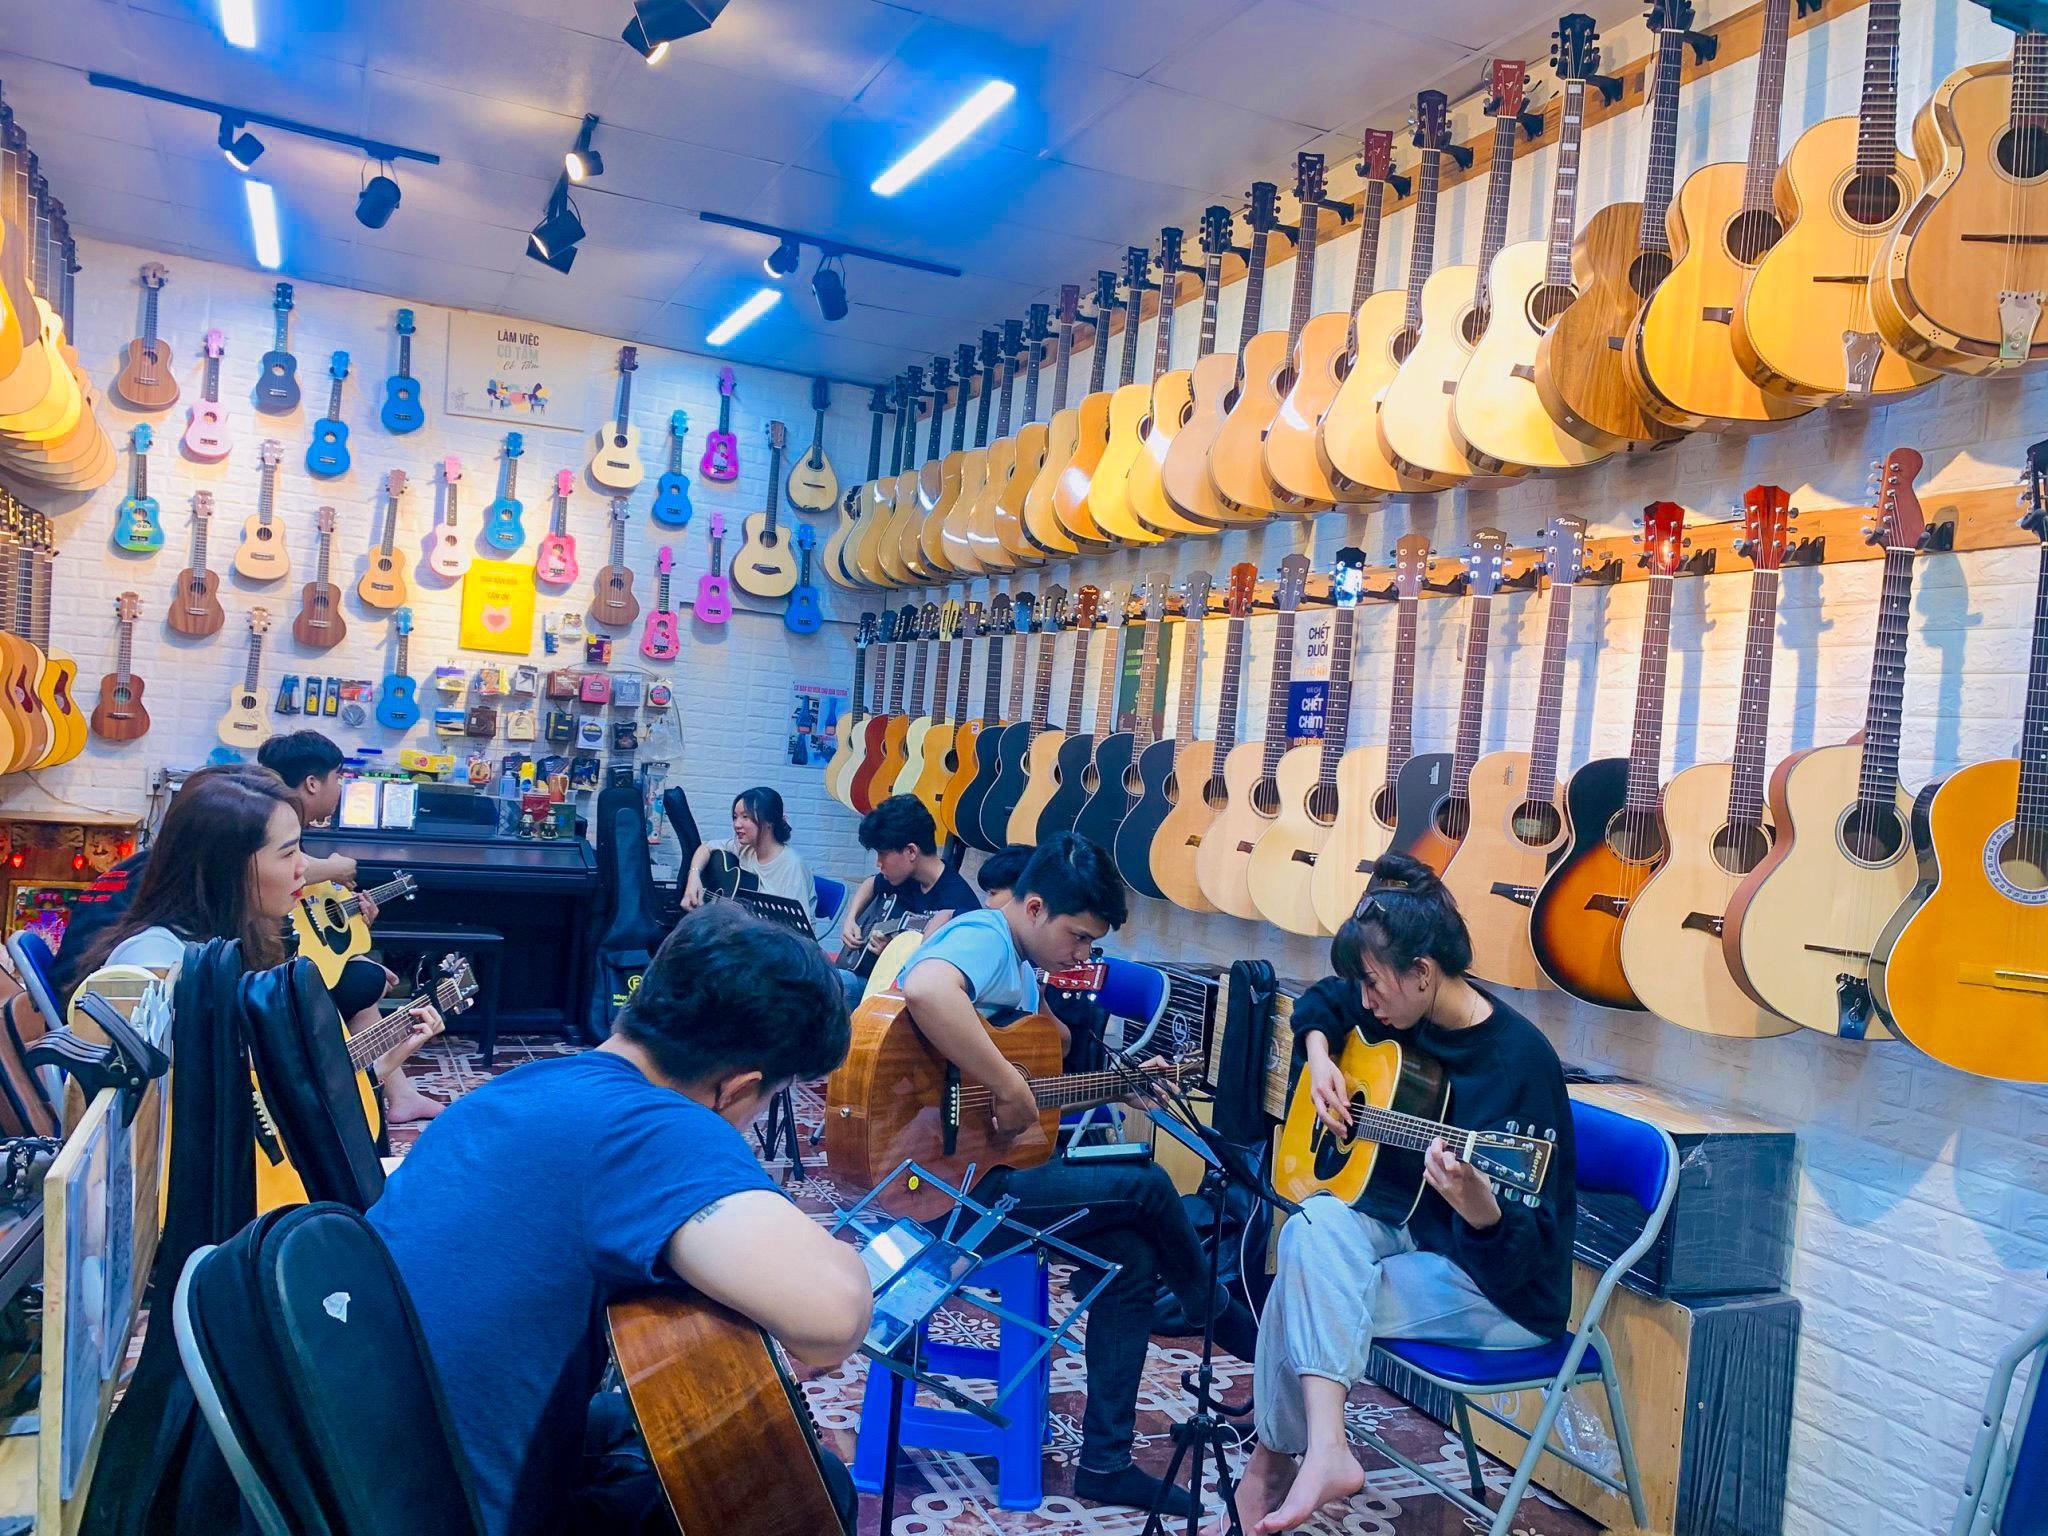 Lớp Dạy Đàn Guitar Tại Biên Hòa Đồng Nai